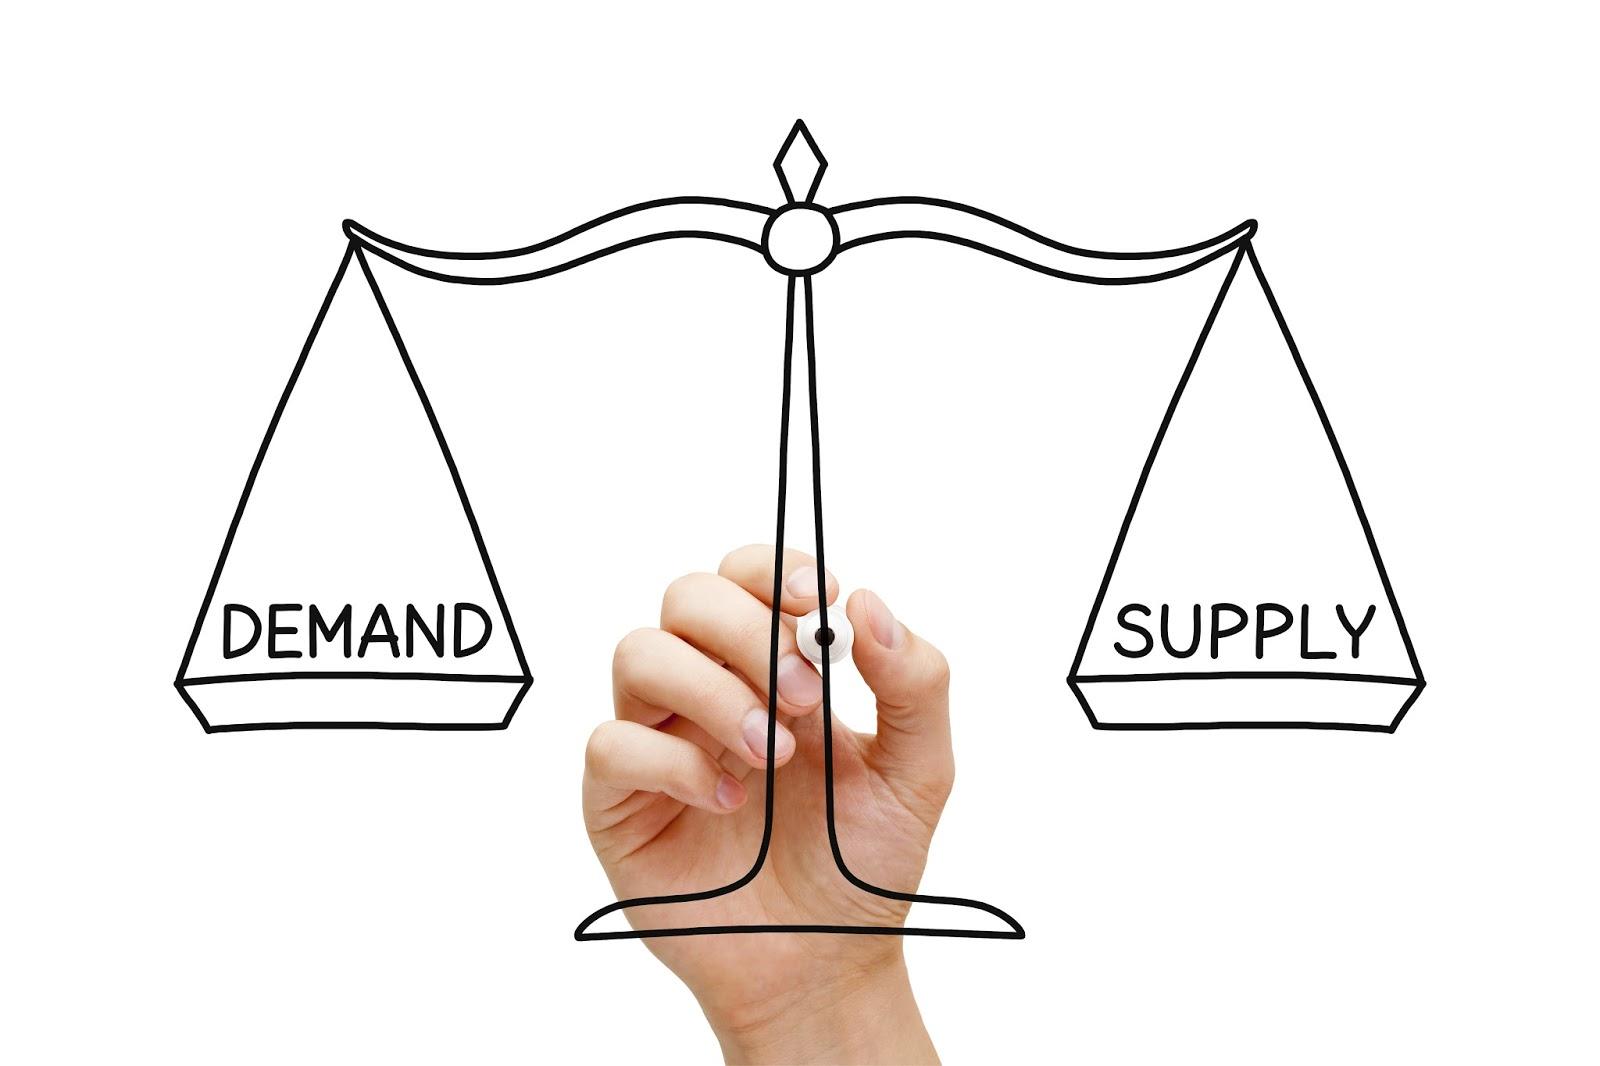 Quy luật Cung Cầu là gì? Tìm hiểu về quy luật quy cung cầu